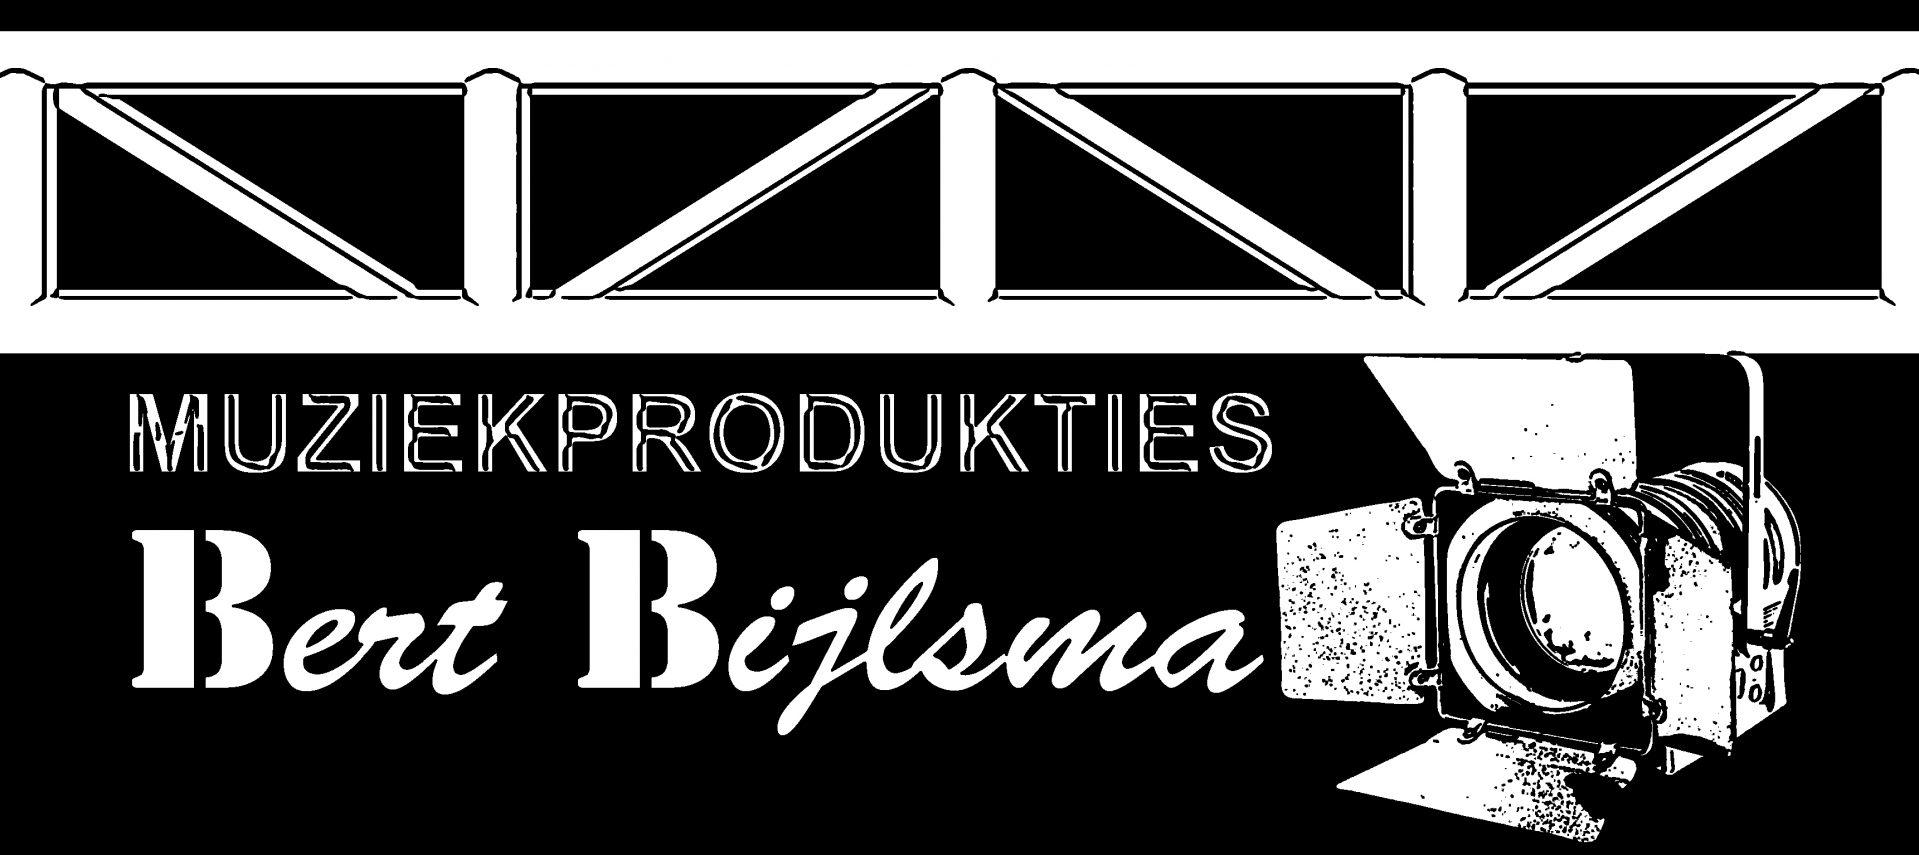 Muziekprodukties Bert Bijlsma